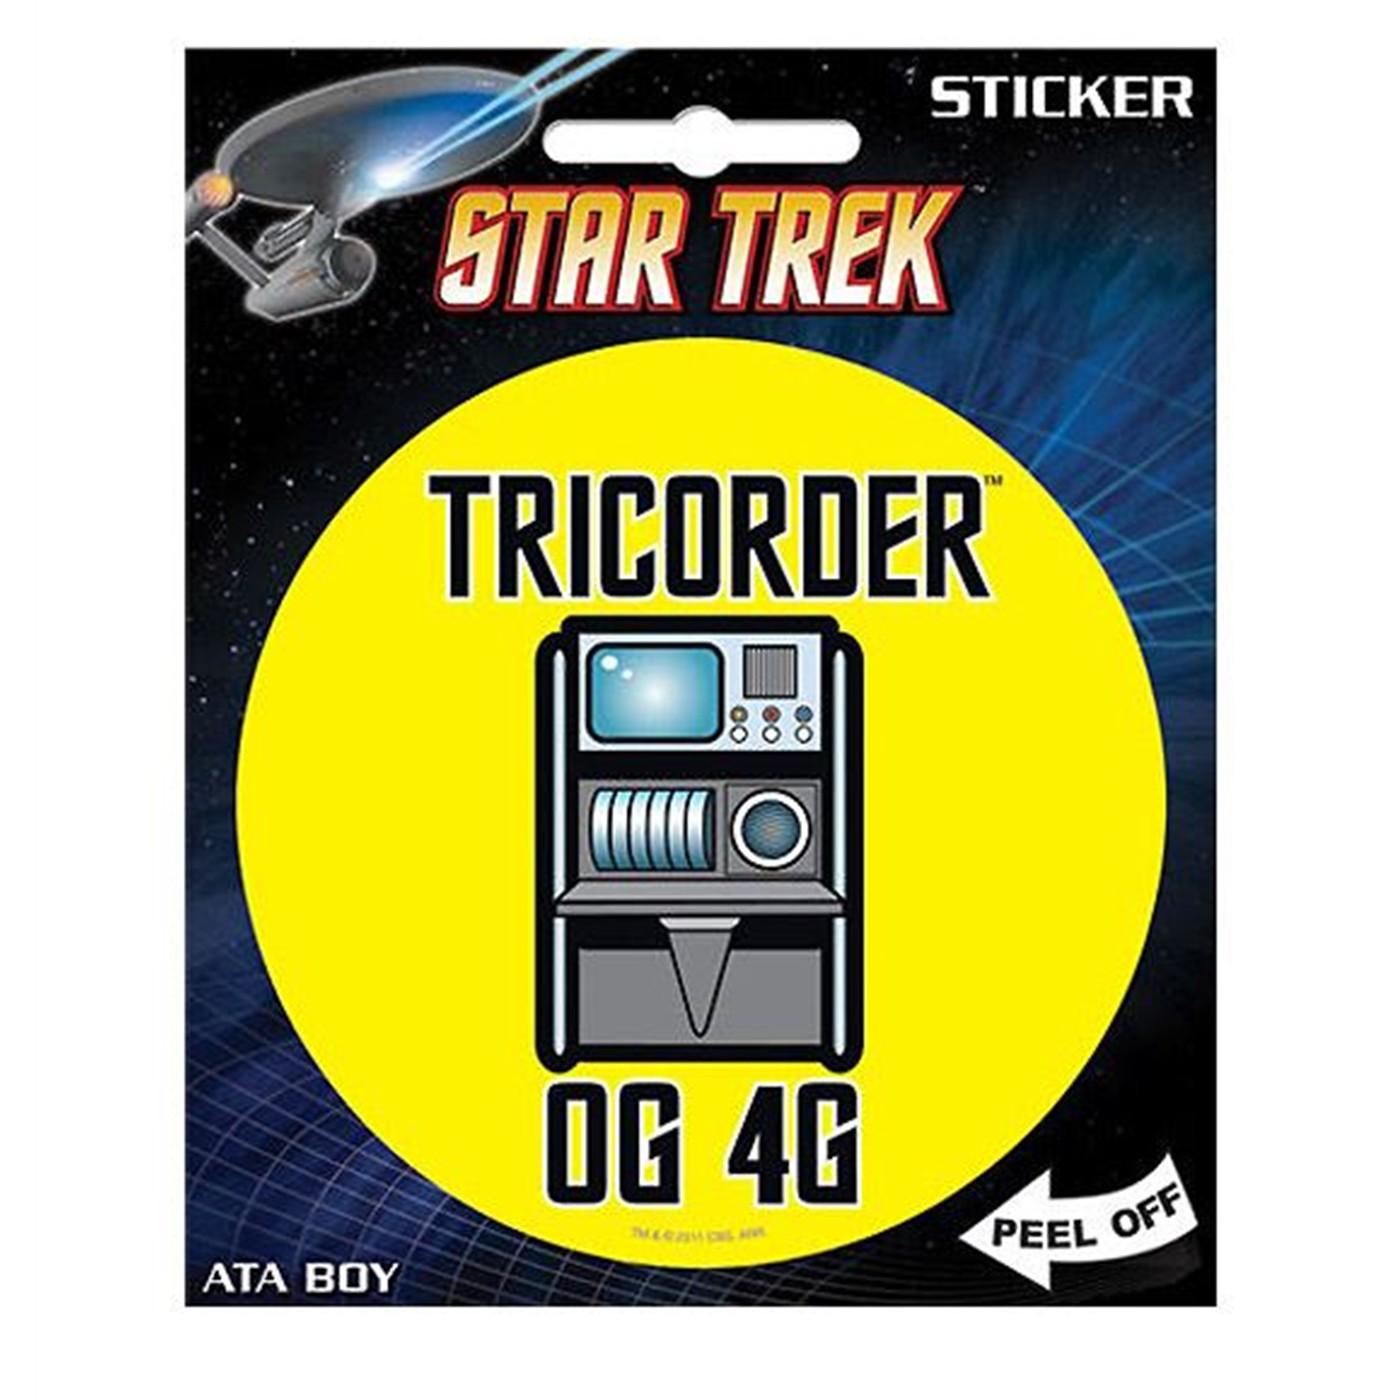 Star Trek Tricorder Sticker